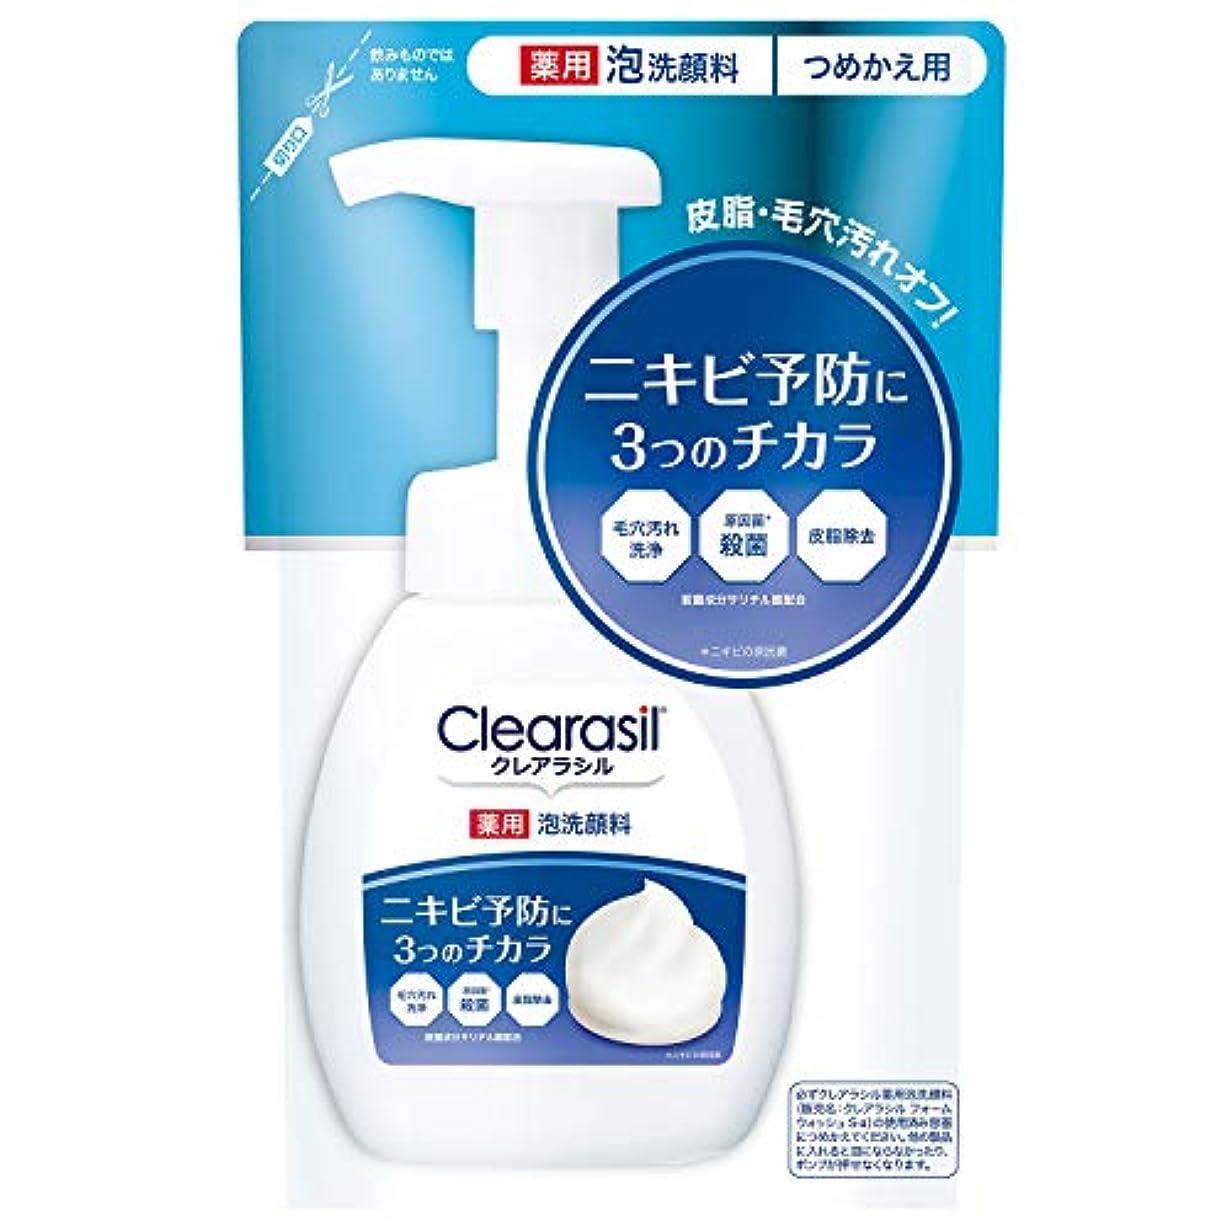 ピグマリオンラフト試してみるクレアラシル 薬用泡洗顔フォーム10X 180ml